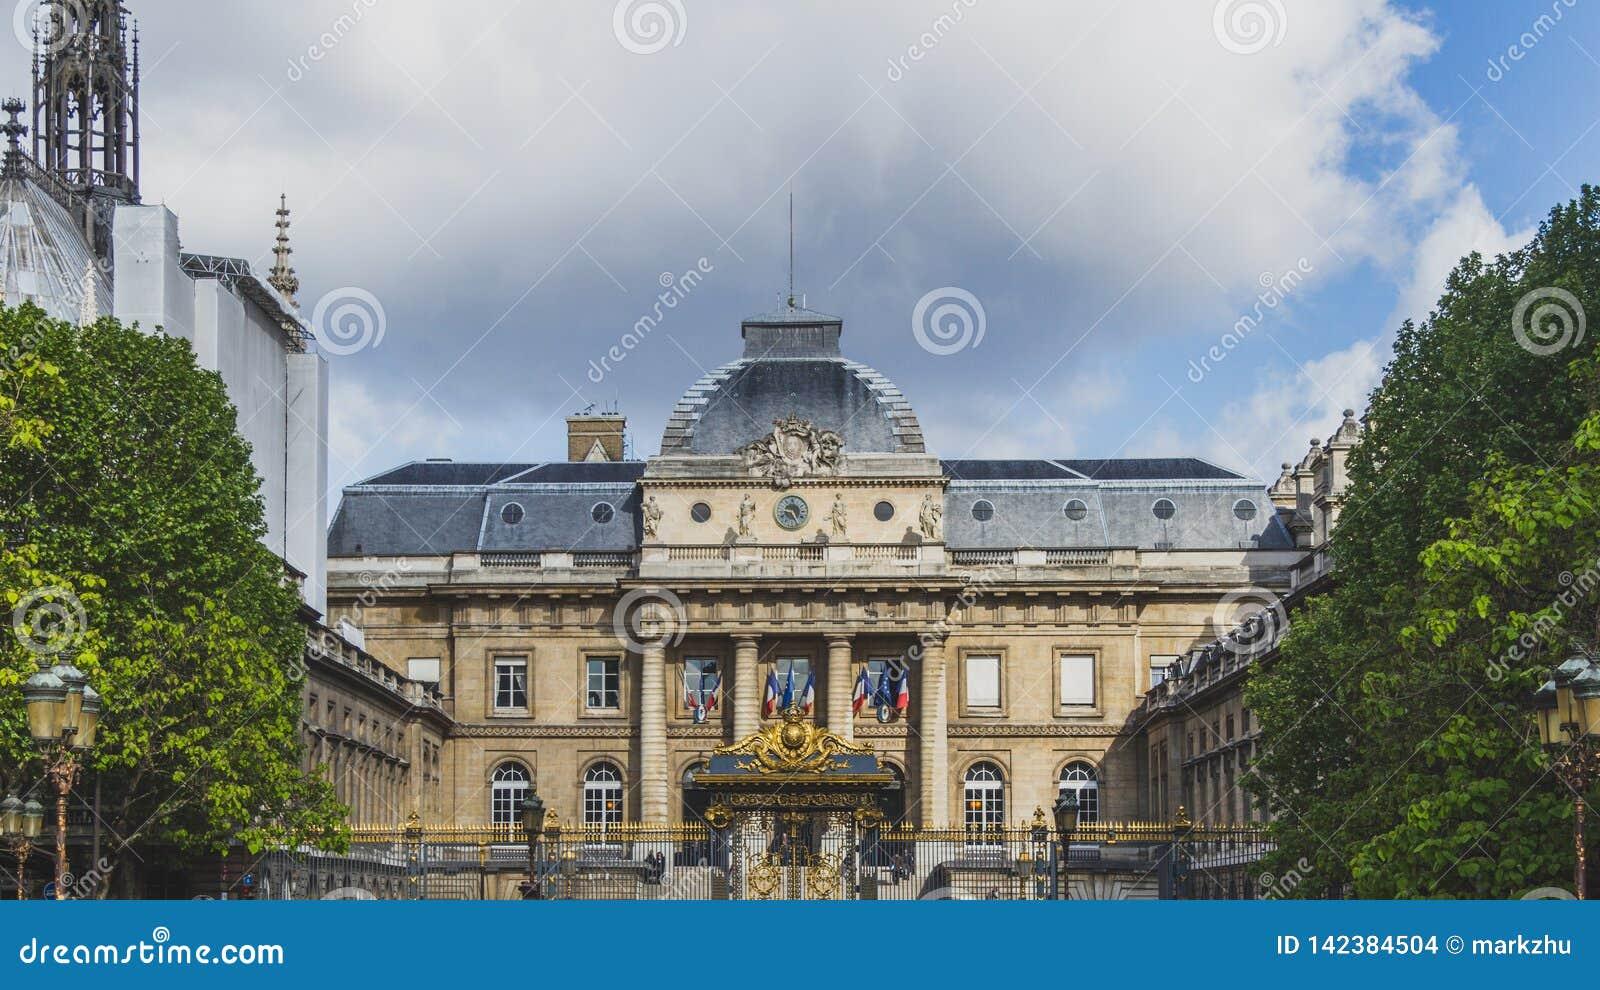 Facade of Palais de Justice in Paris, France